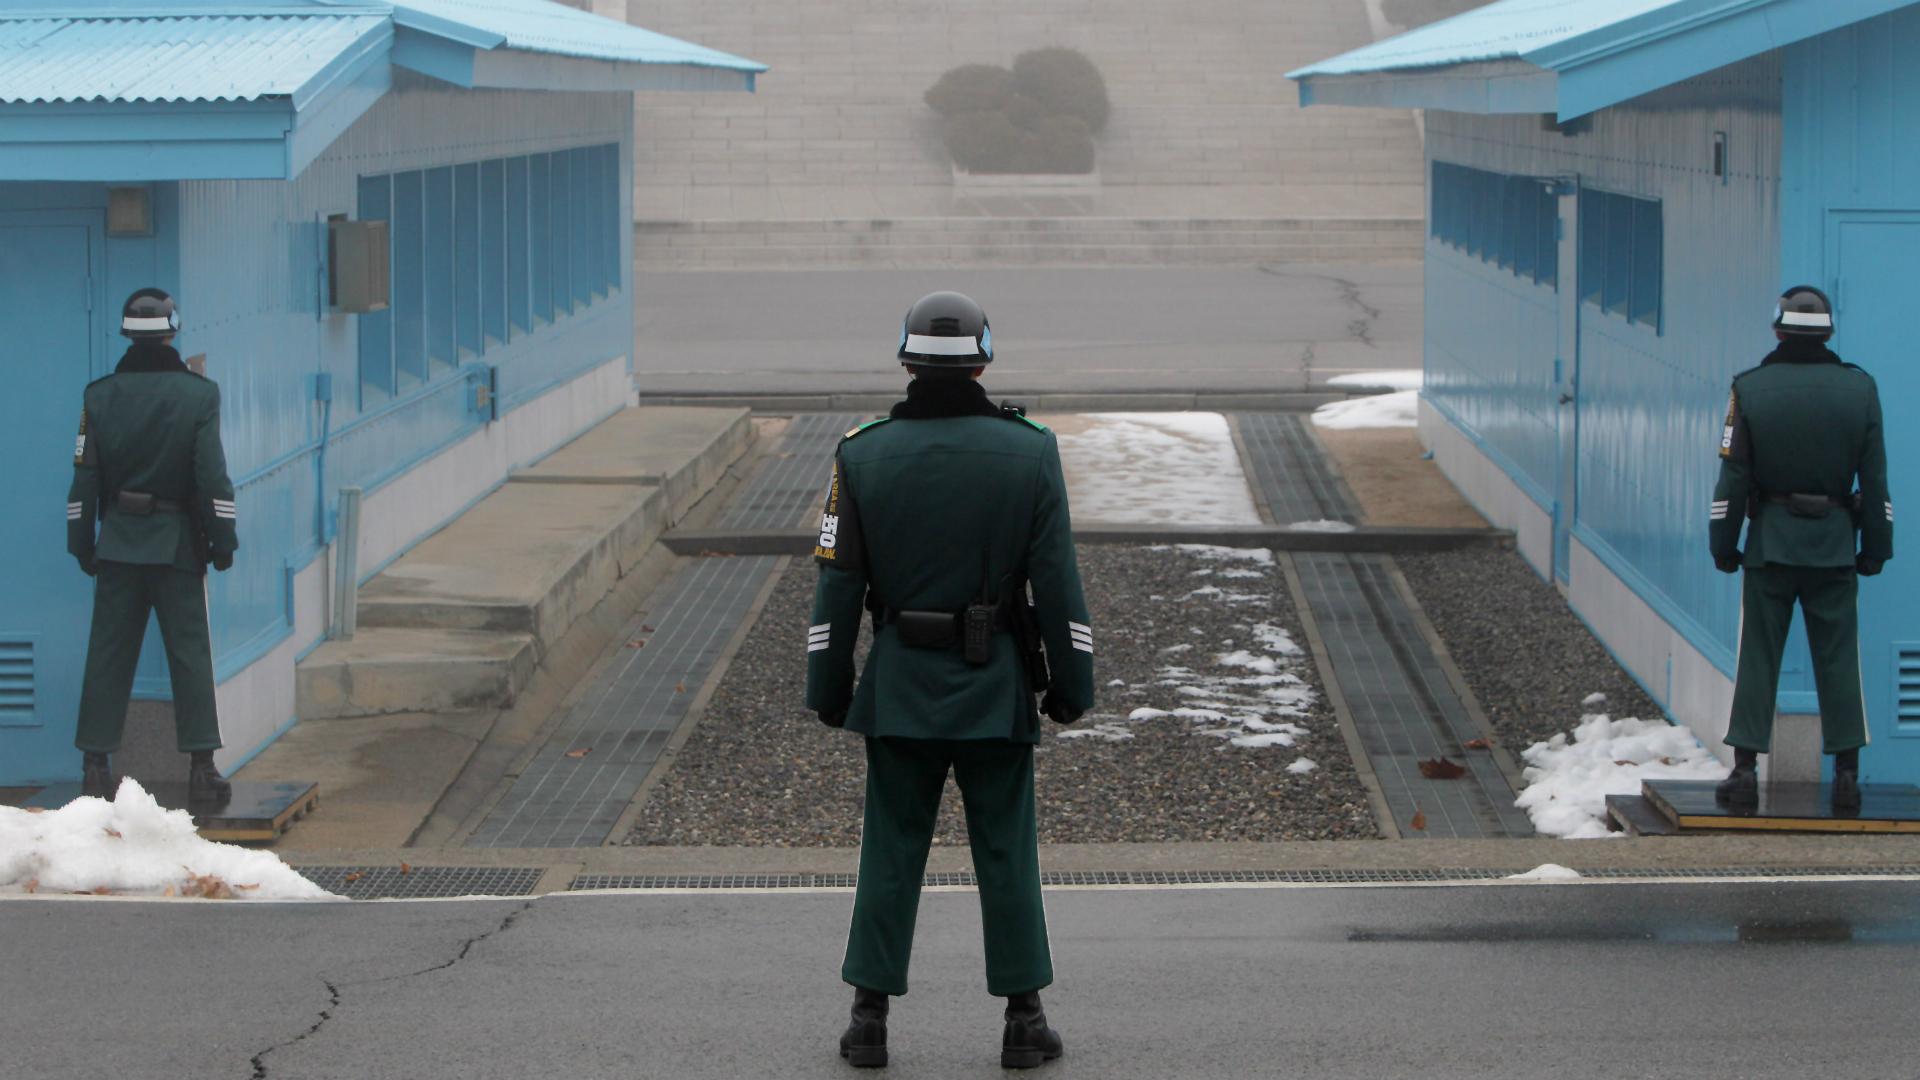 Soldados surcoreanoscustodianla frontera con Corea del Norte. (Getty)